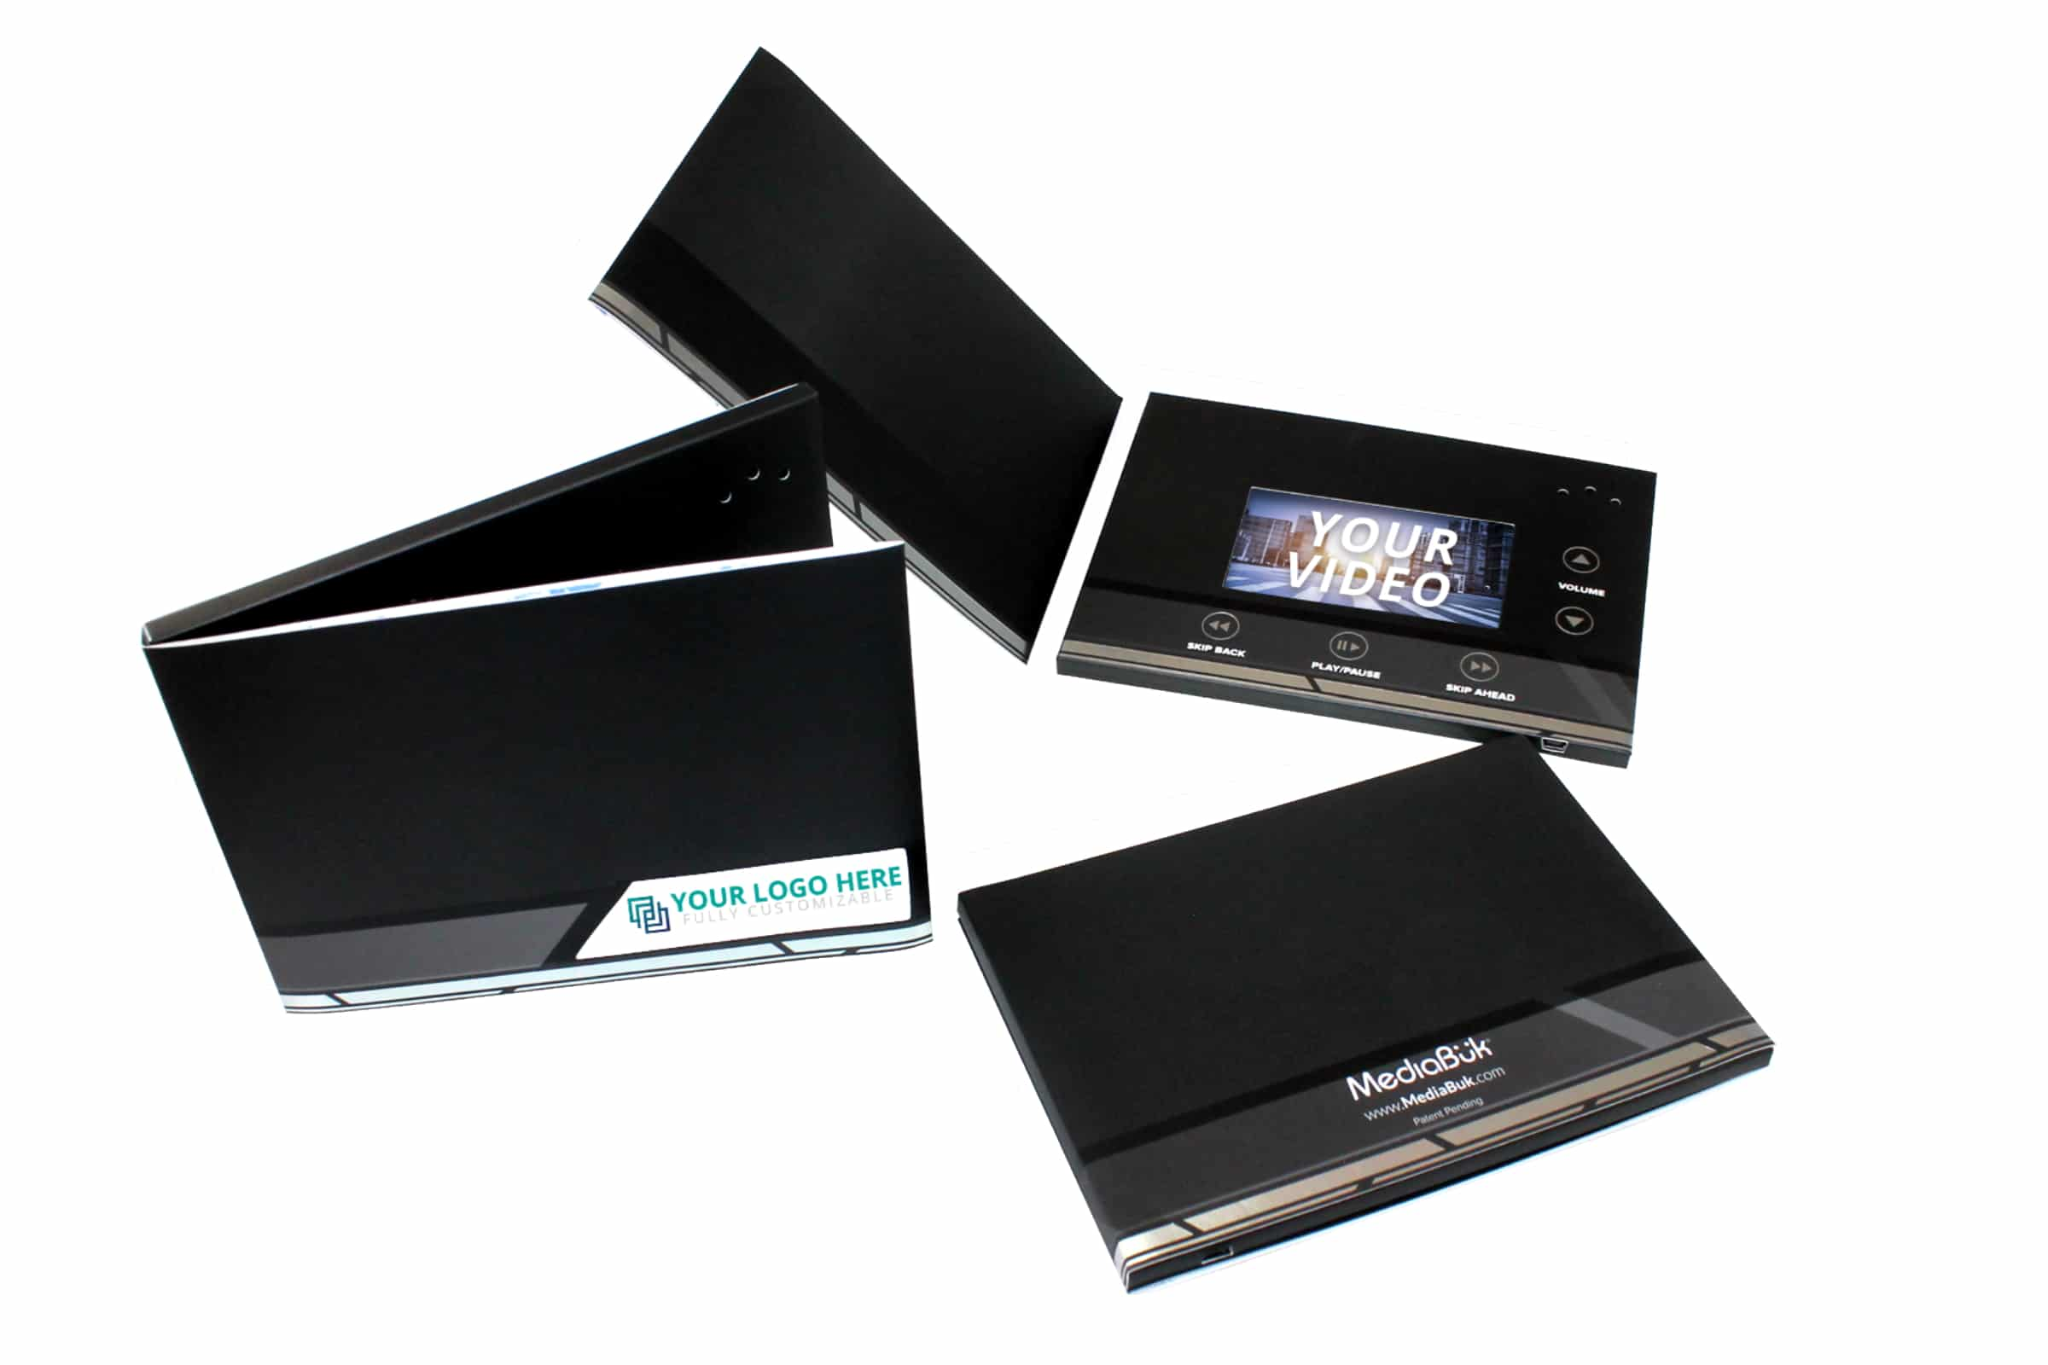 MediaBuk - 5x7 screen: 4